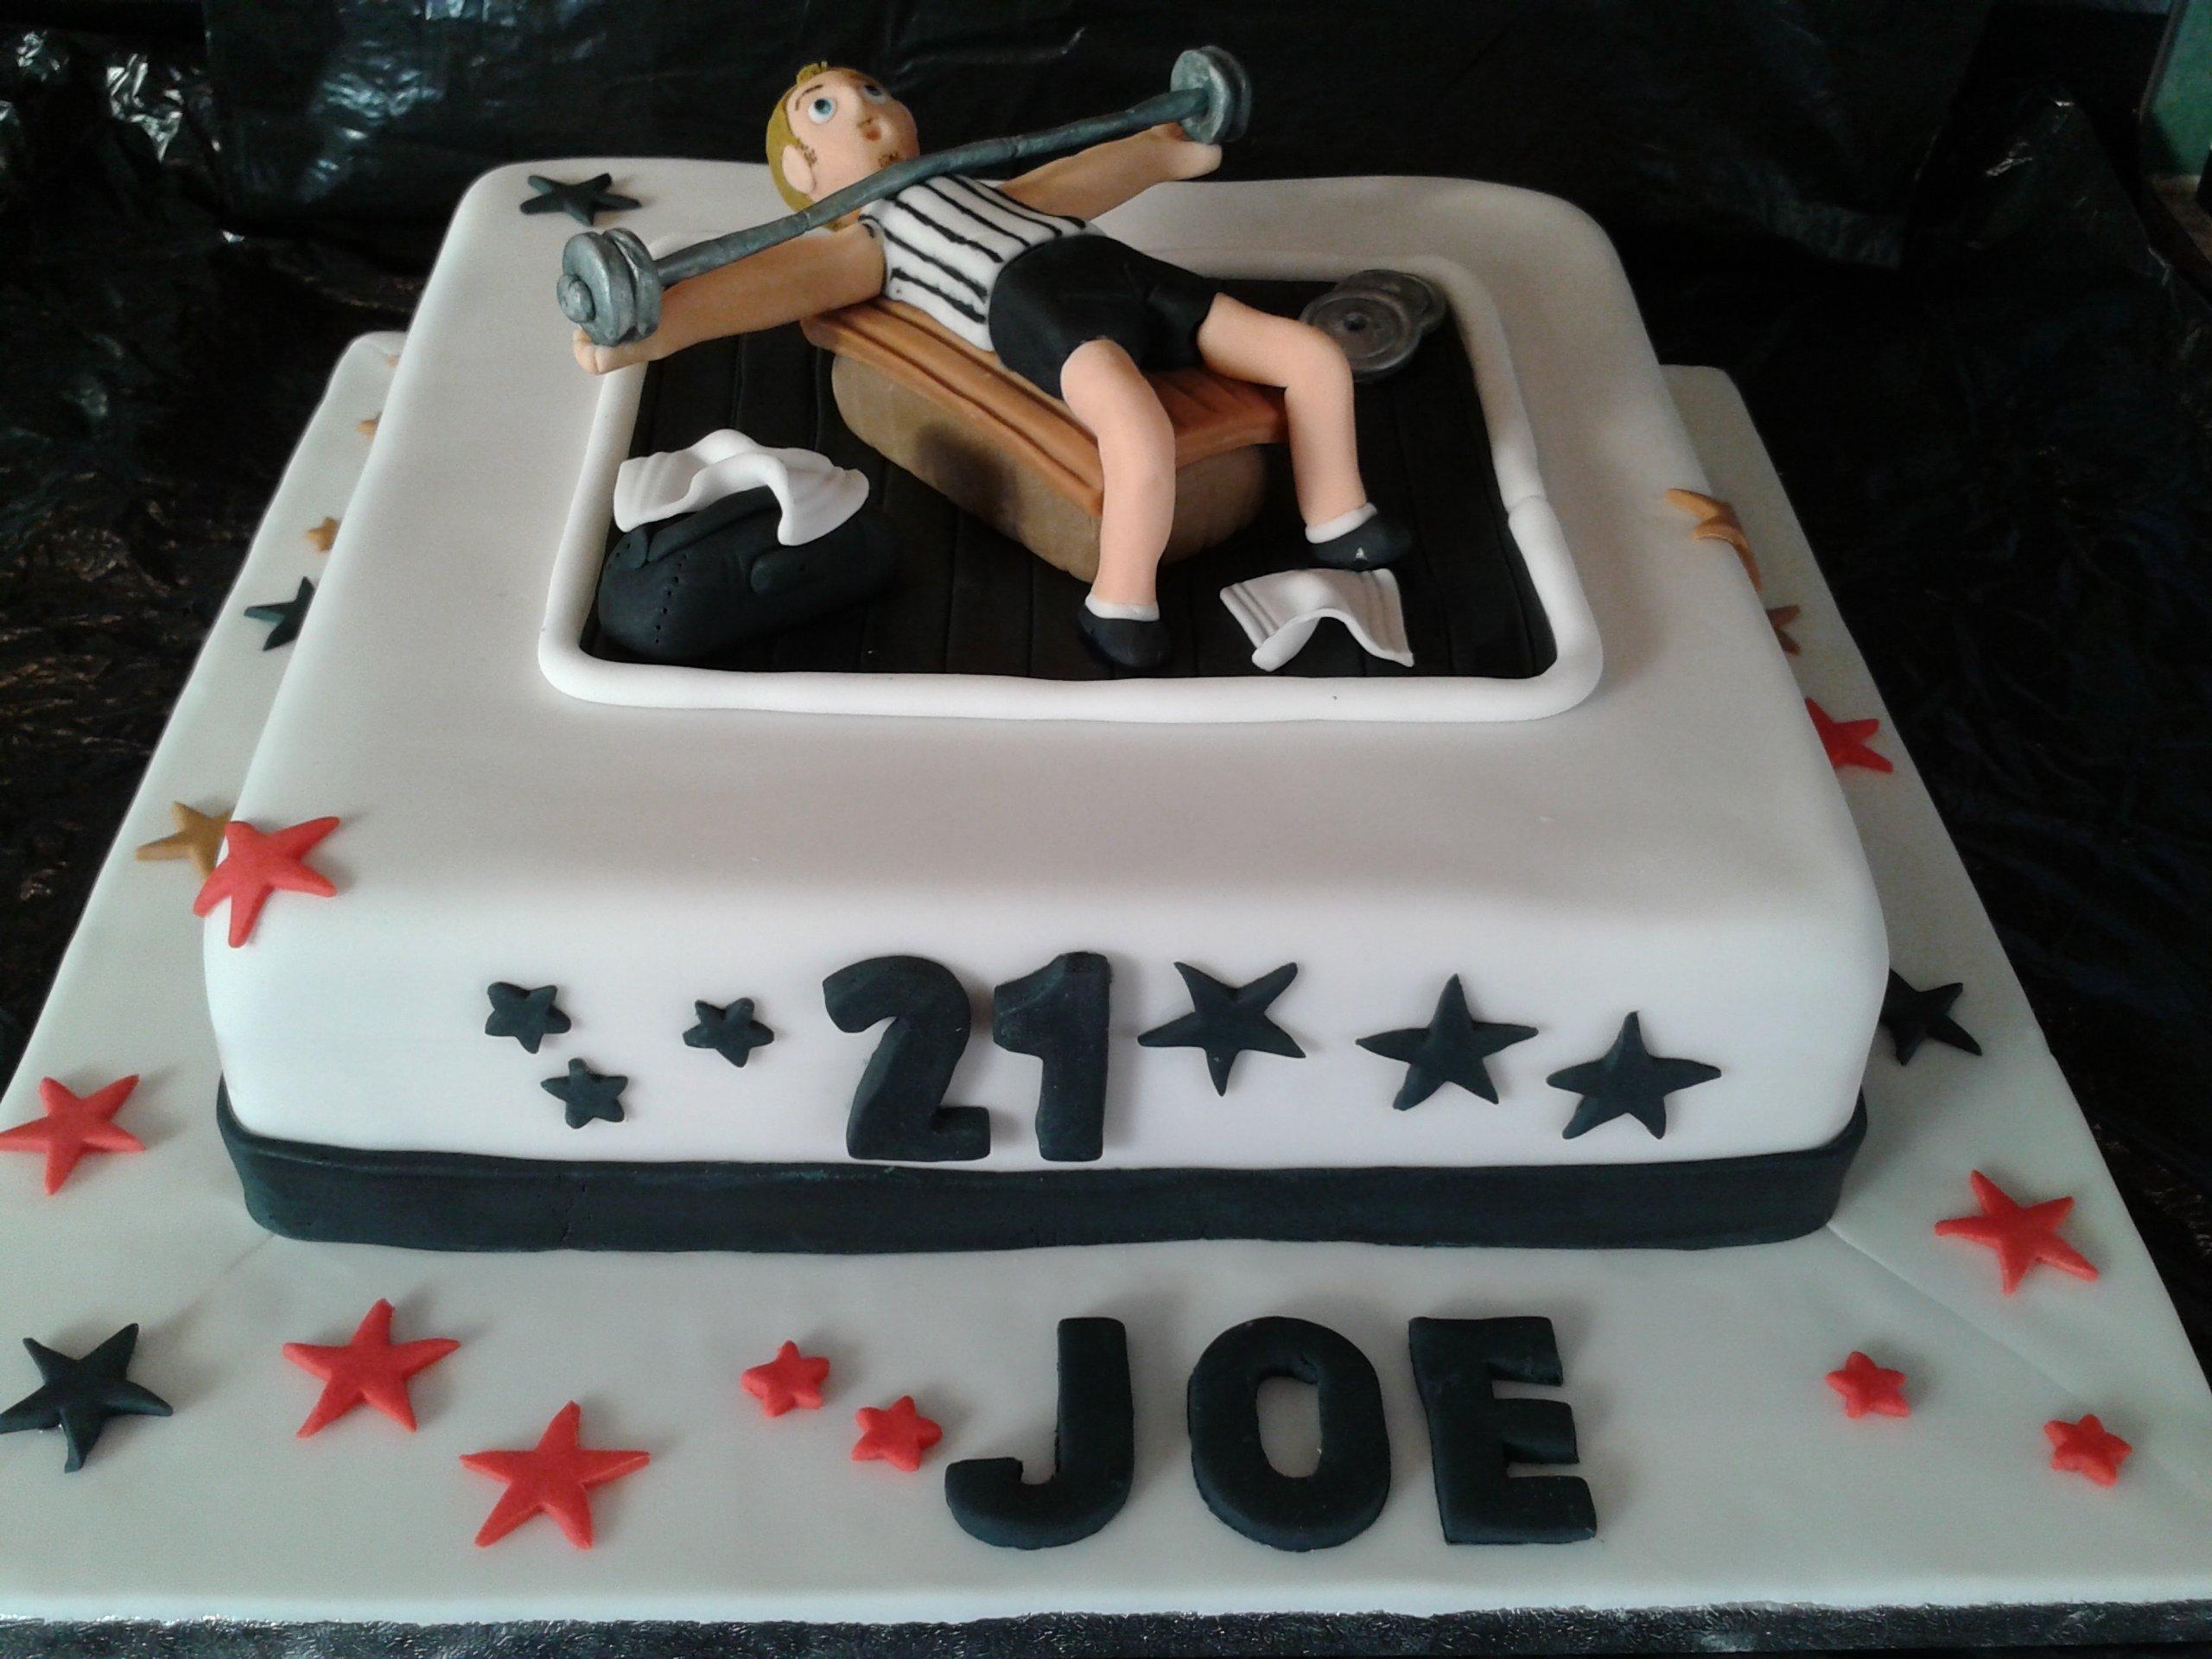 10 Fantastic Birthday Cake Ideas For Boyfriend 21st birthday cake ideas for boyfriend criolla brithday wedding 2020